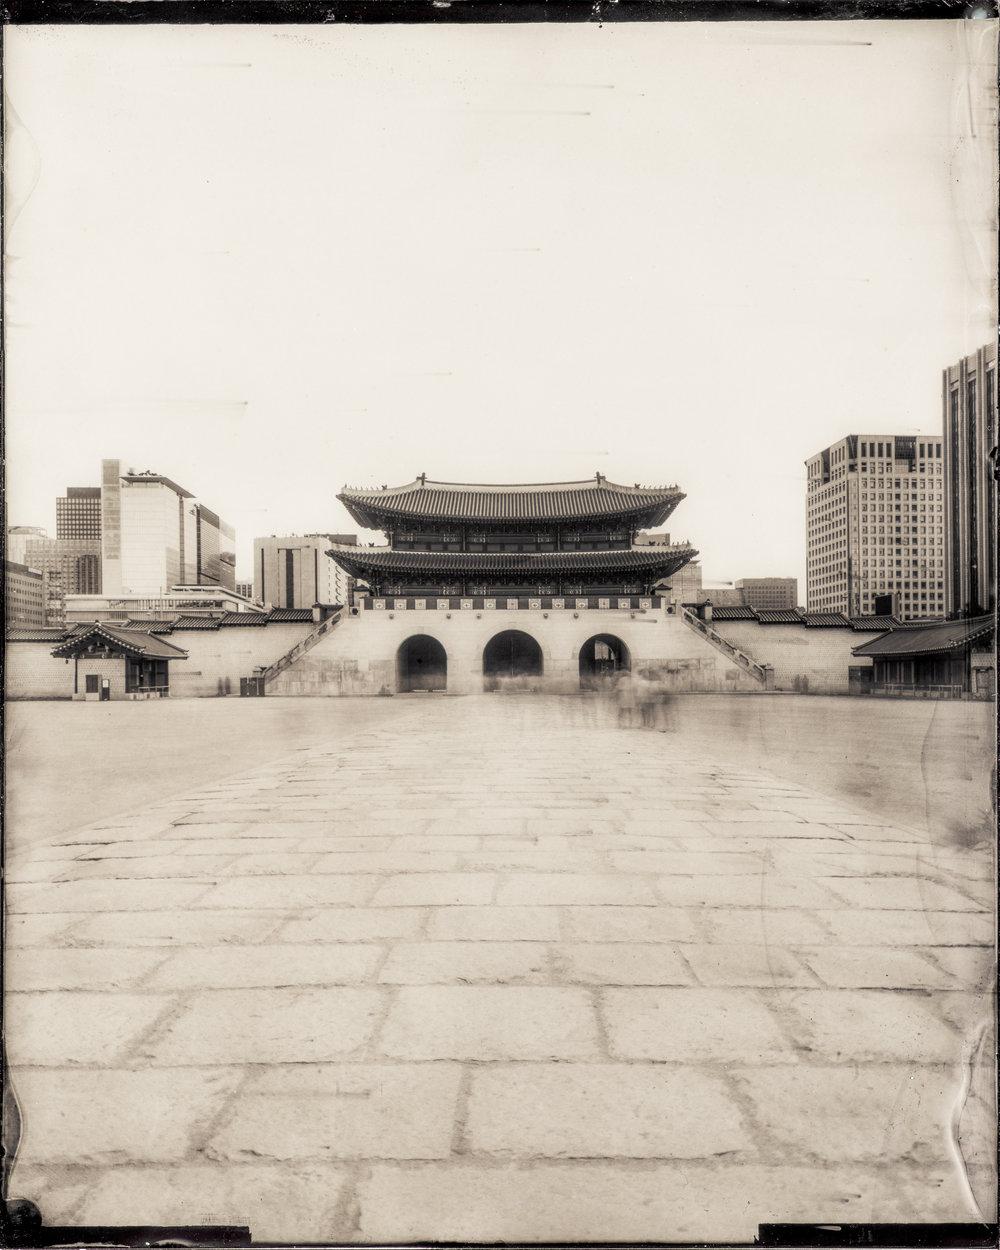 韓国-ソウル-景福宮-光化門  대한민국-서울-경복궁-광화문  South Korea-Seoul-Gyeongbok Palace-Gwanghwamun (The Main and South Gate)